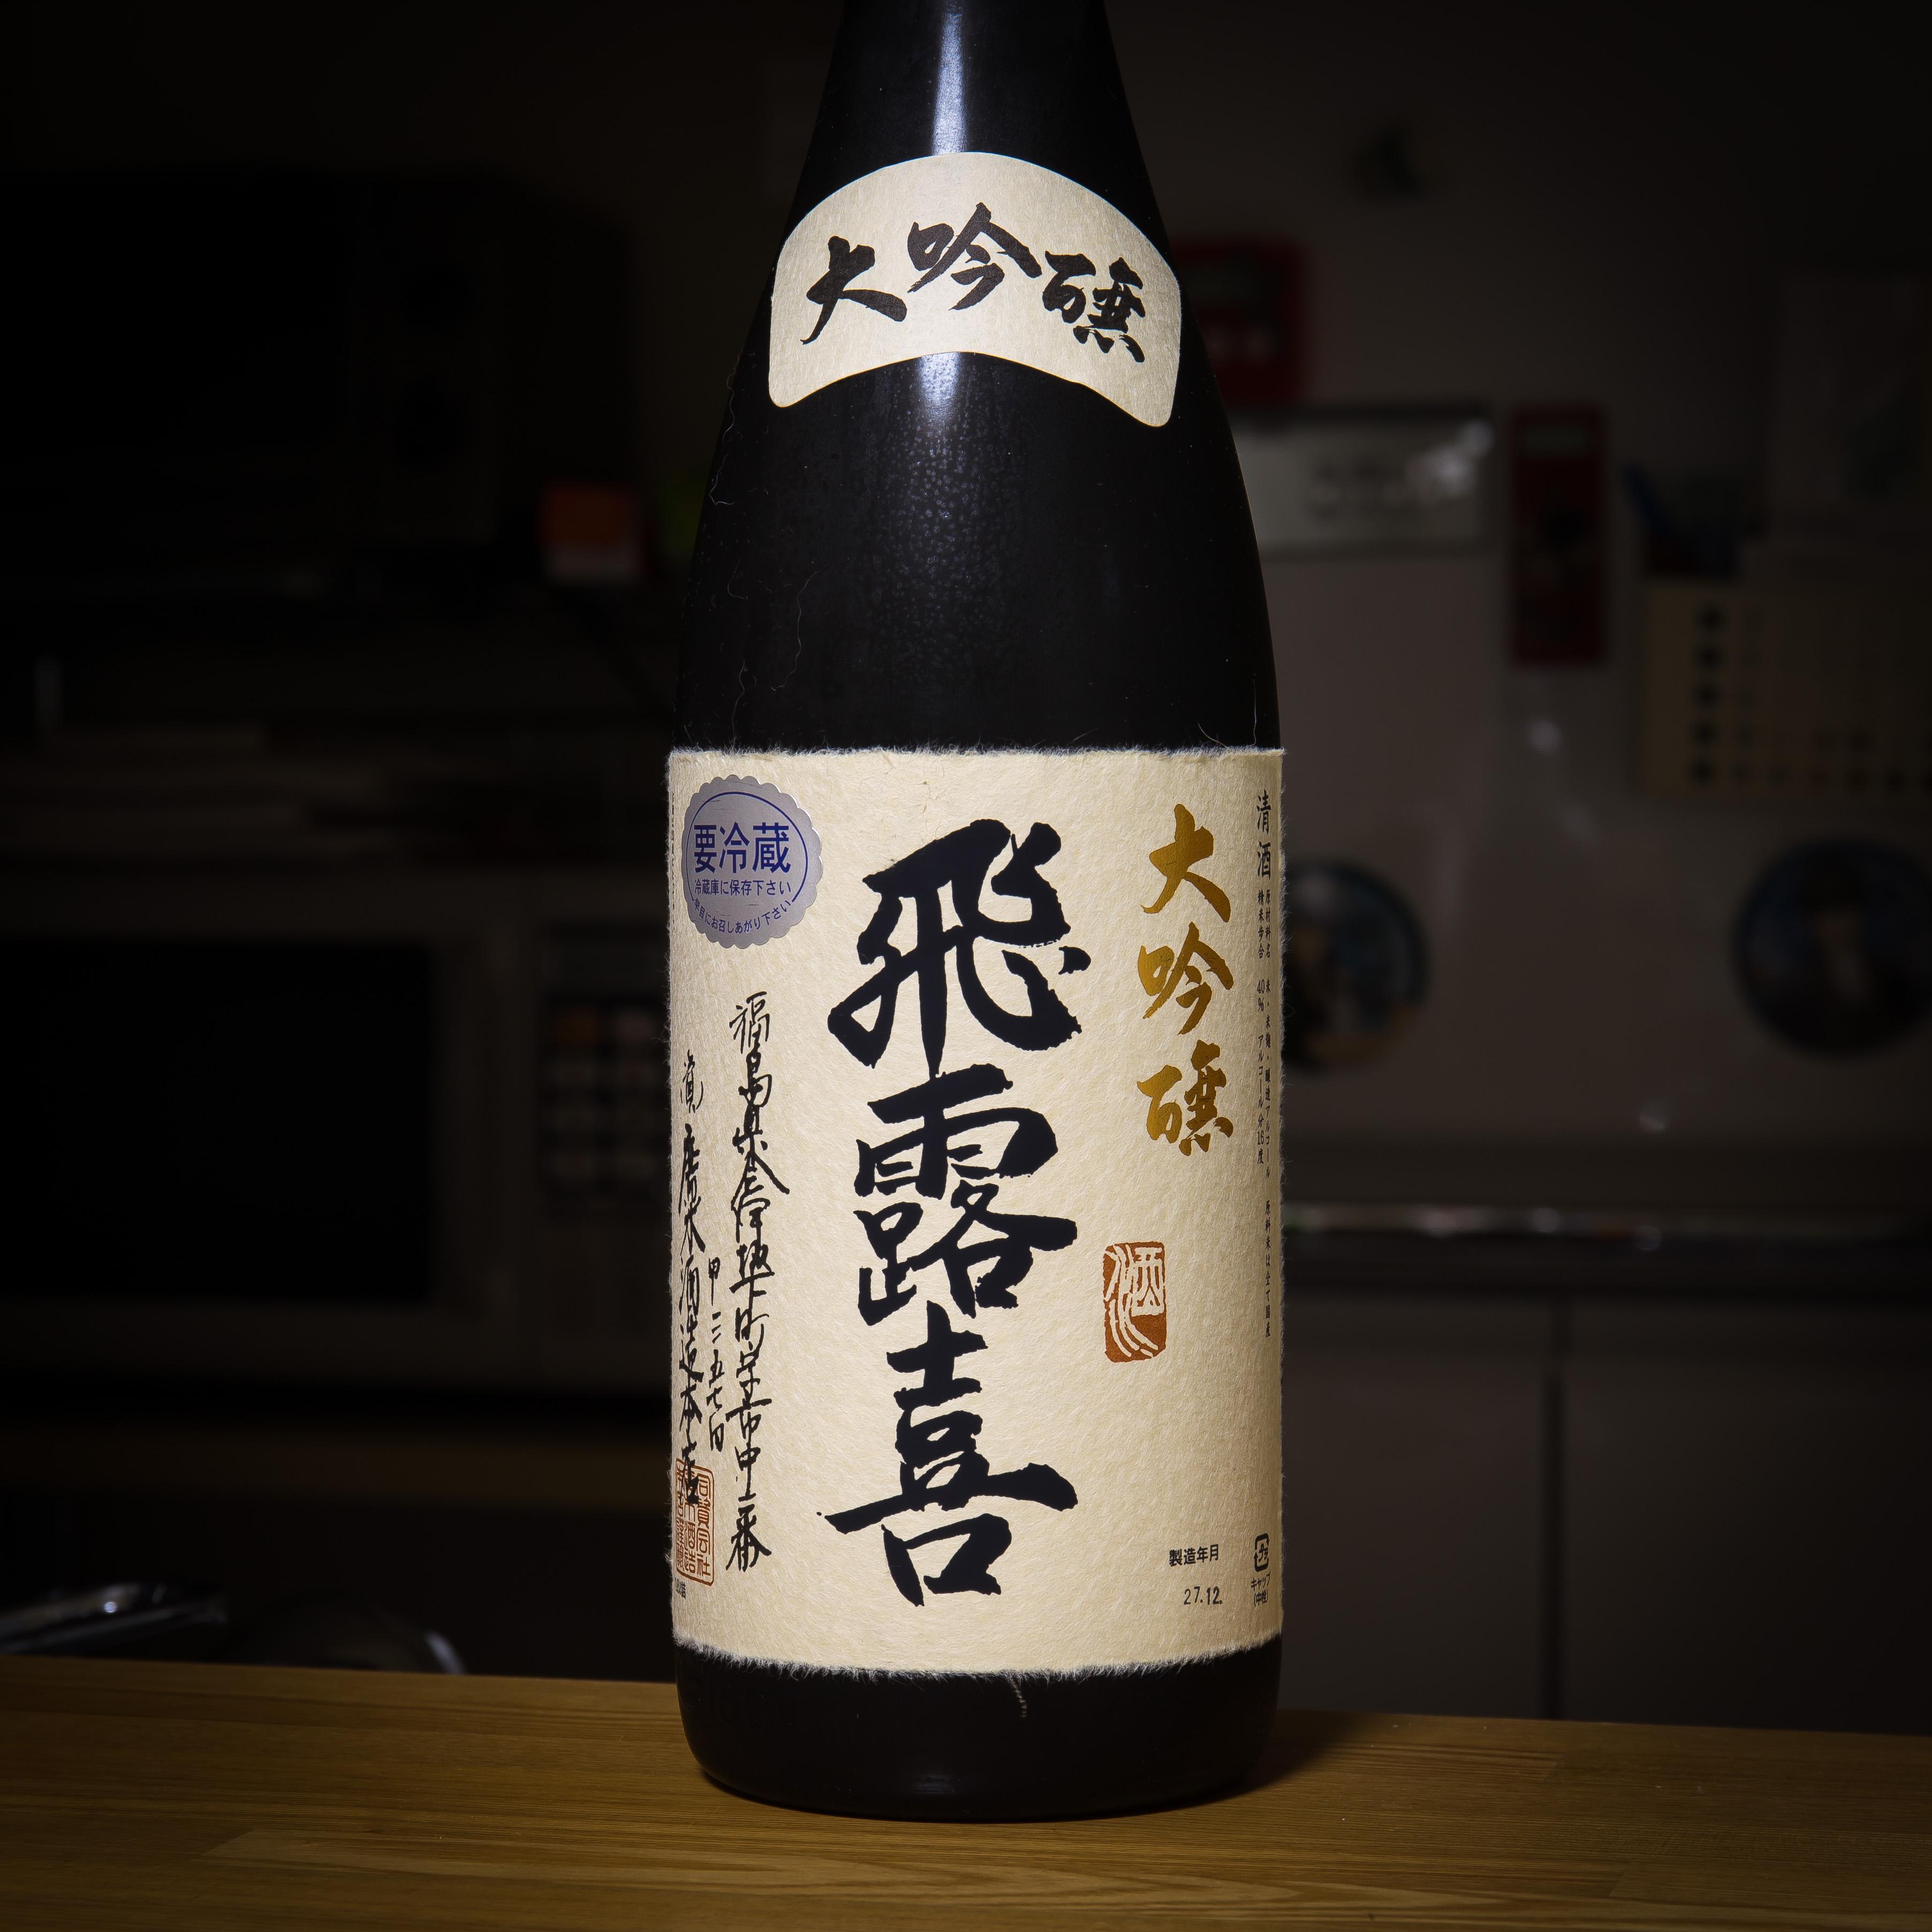 晩酌ダイジェスト1603(3)